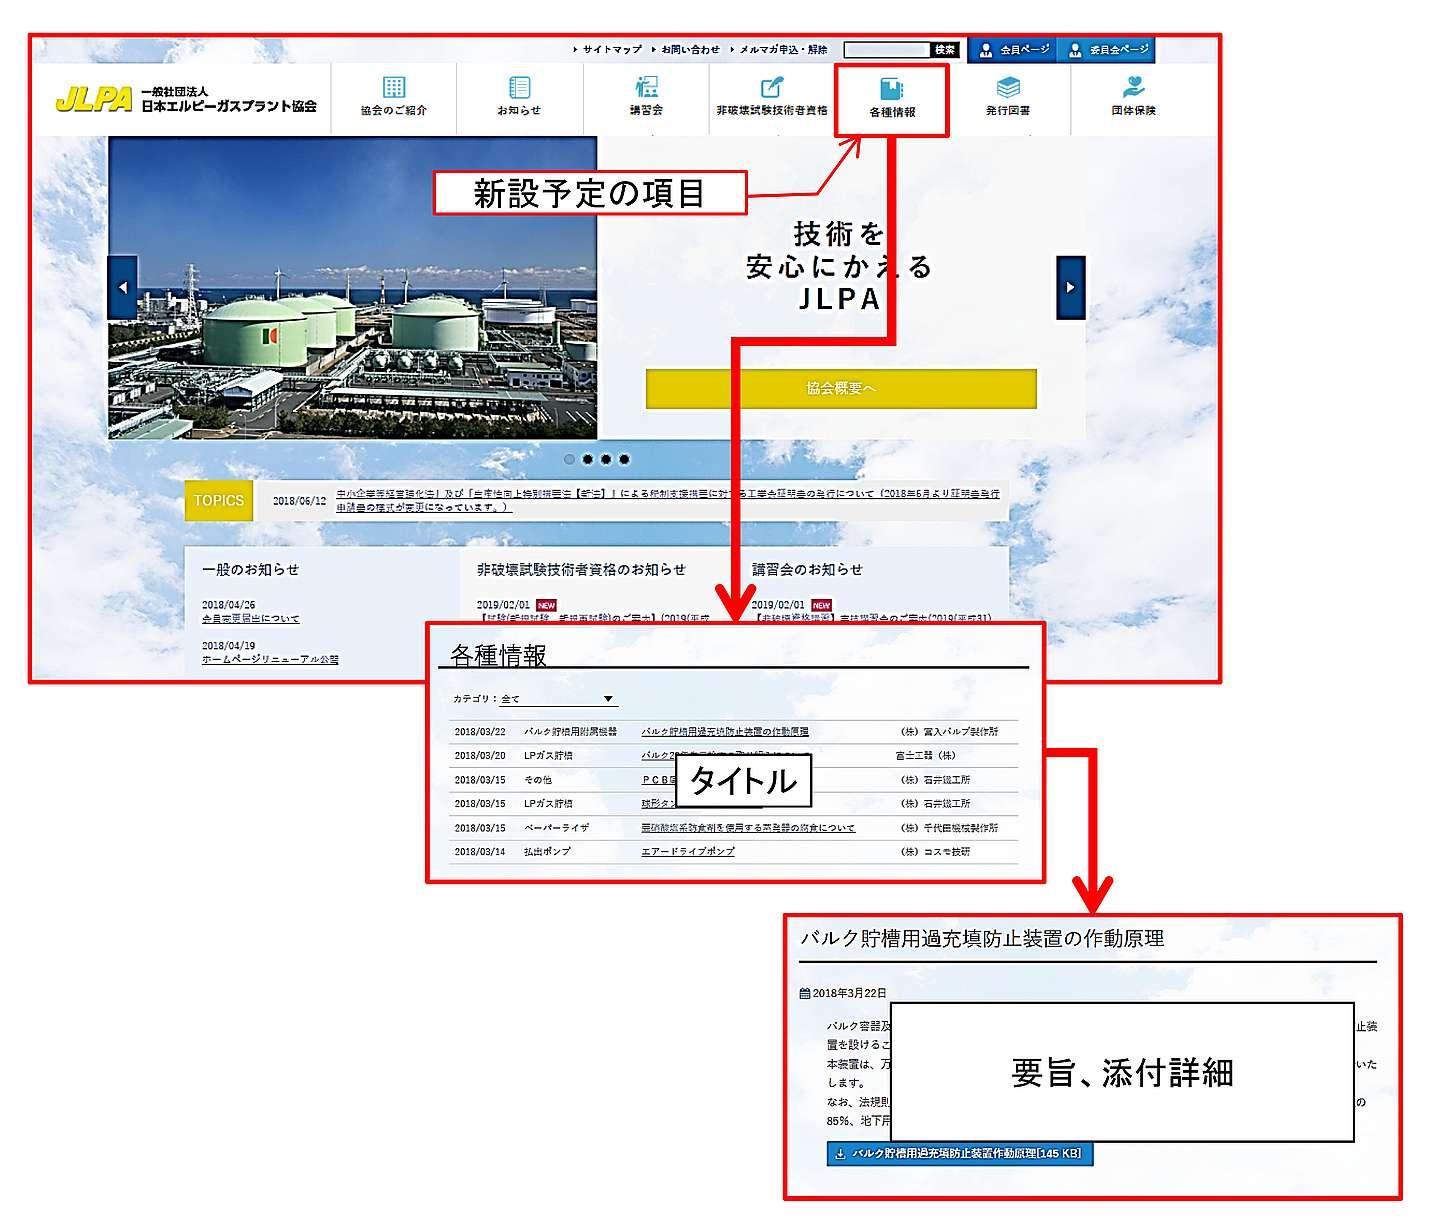 図1: トップページからの「各種情報」